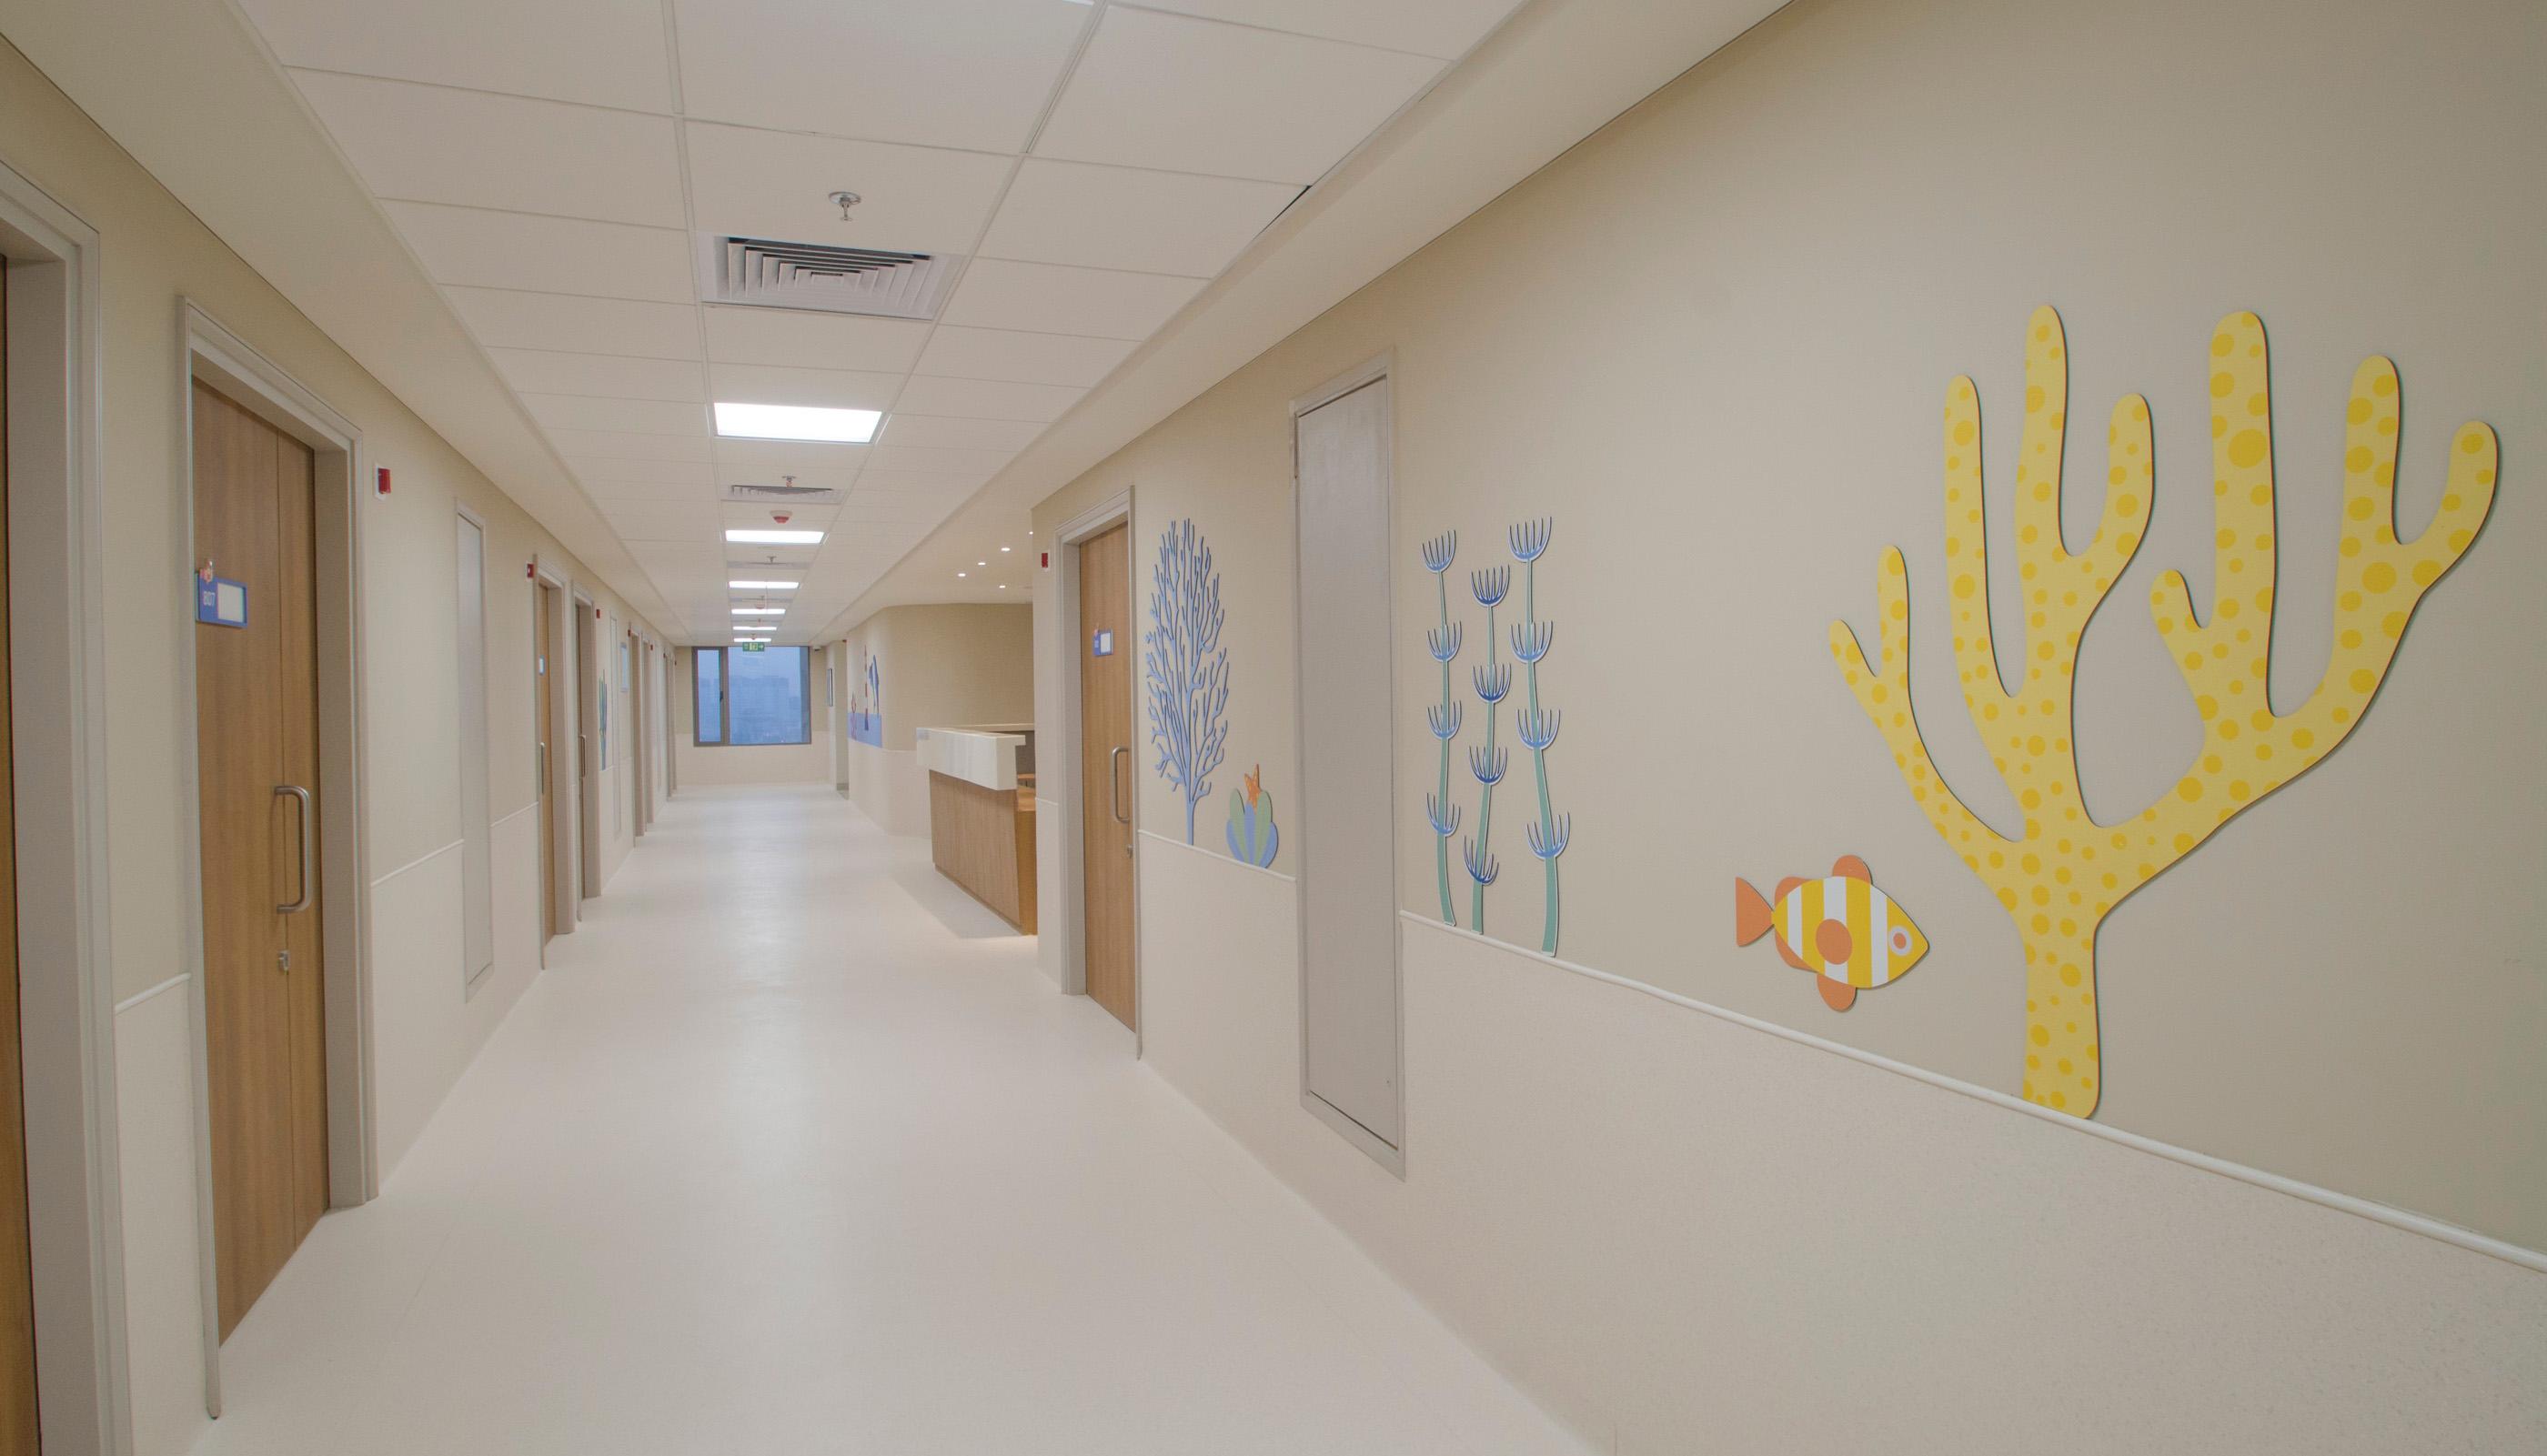 8th-floor-Corridor-Passage-1